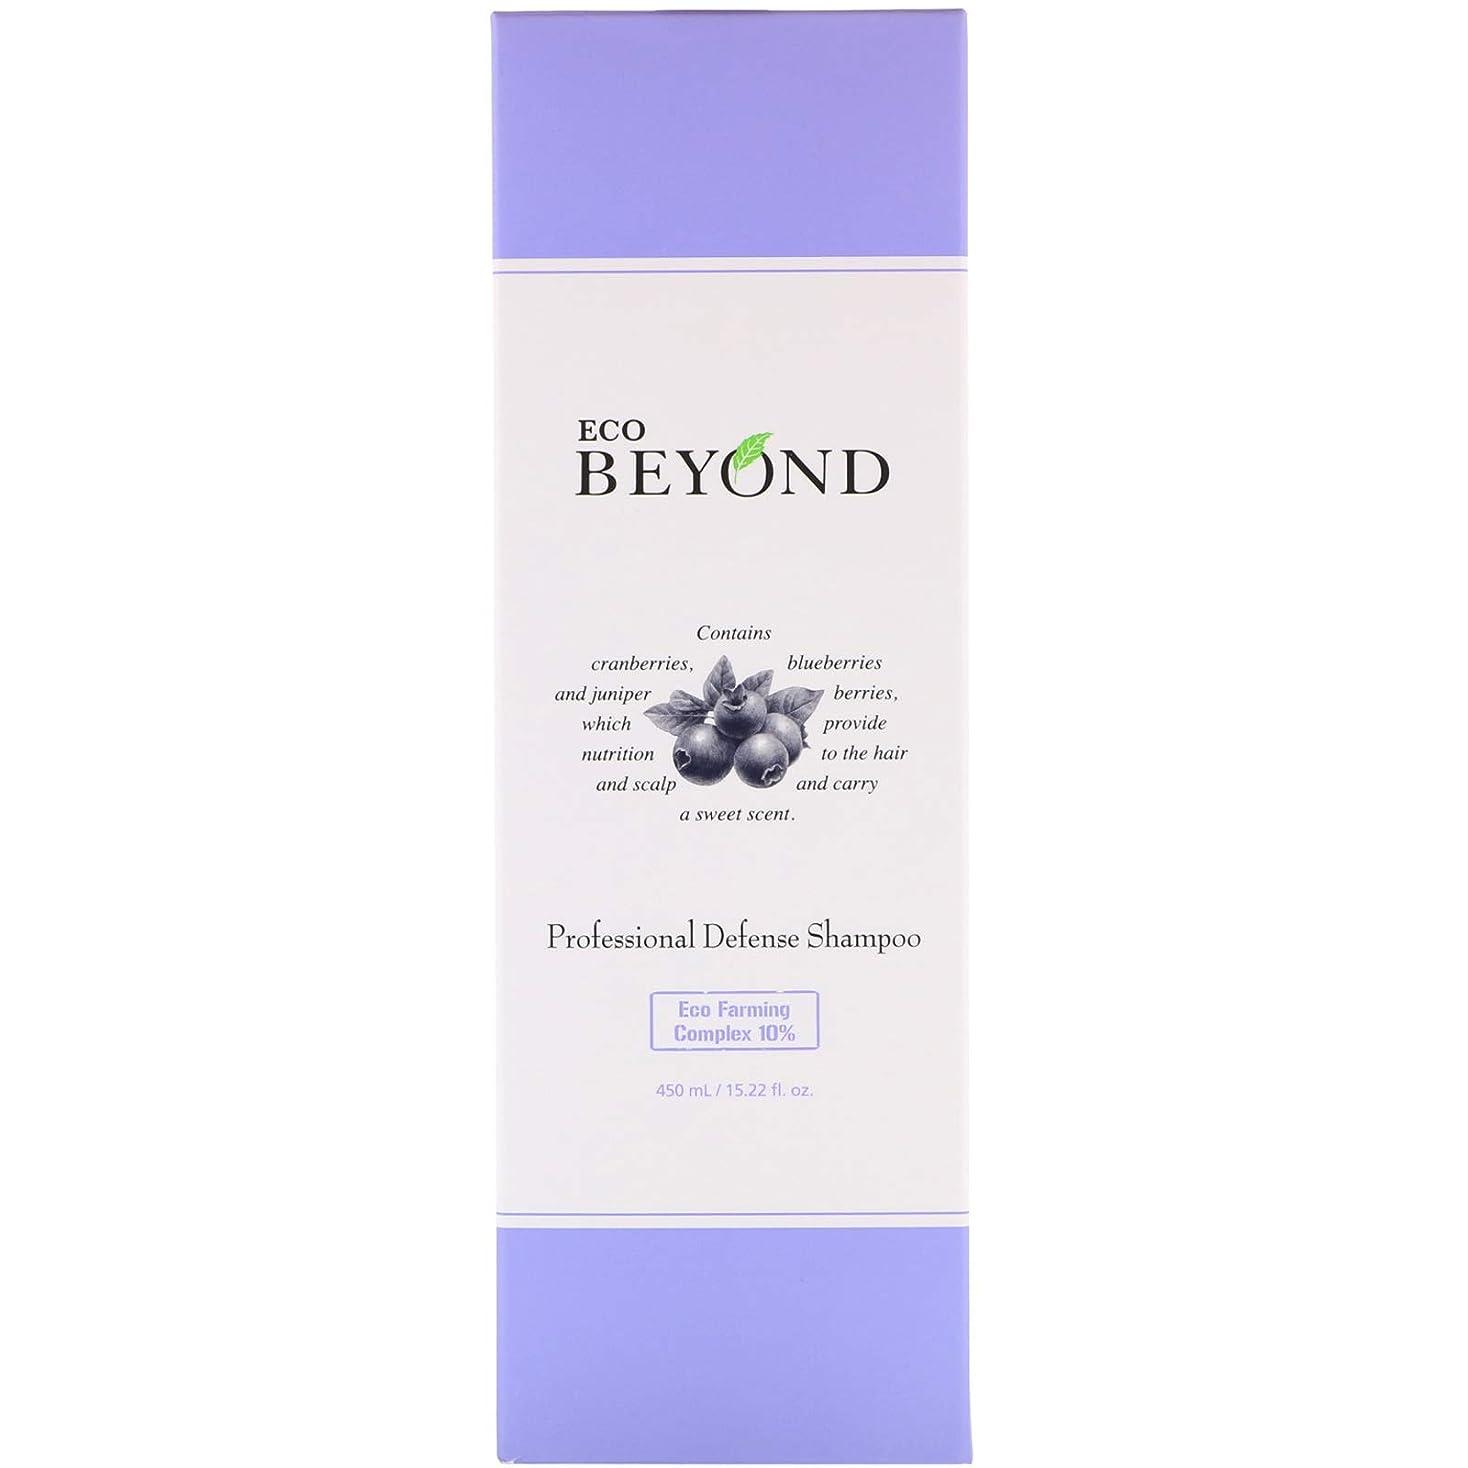 頂点群れ以上[ビヨンド] BEYOND [プロフェッショナル ディフェンス シャンプー 450ml] Professional Defense Shampoo 450ml [海外直送品]